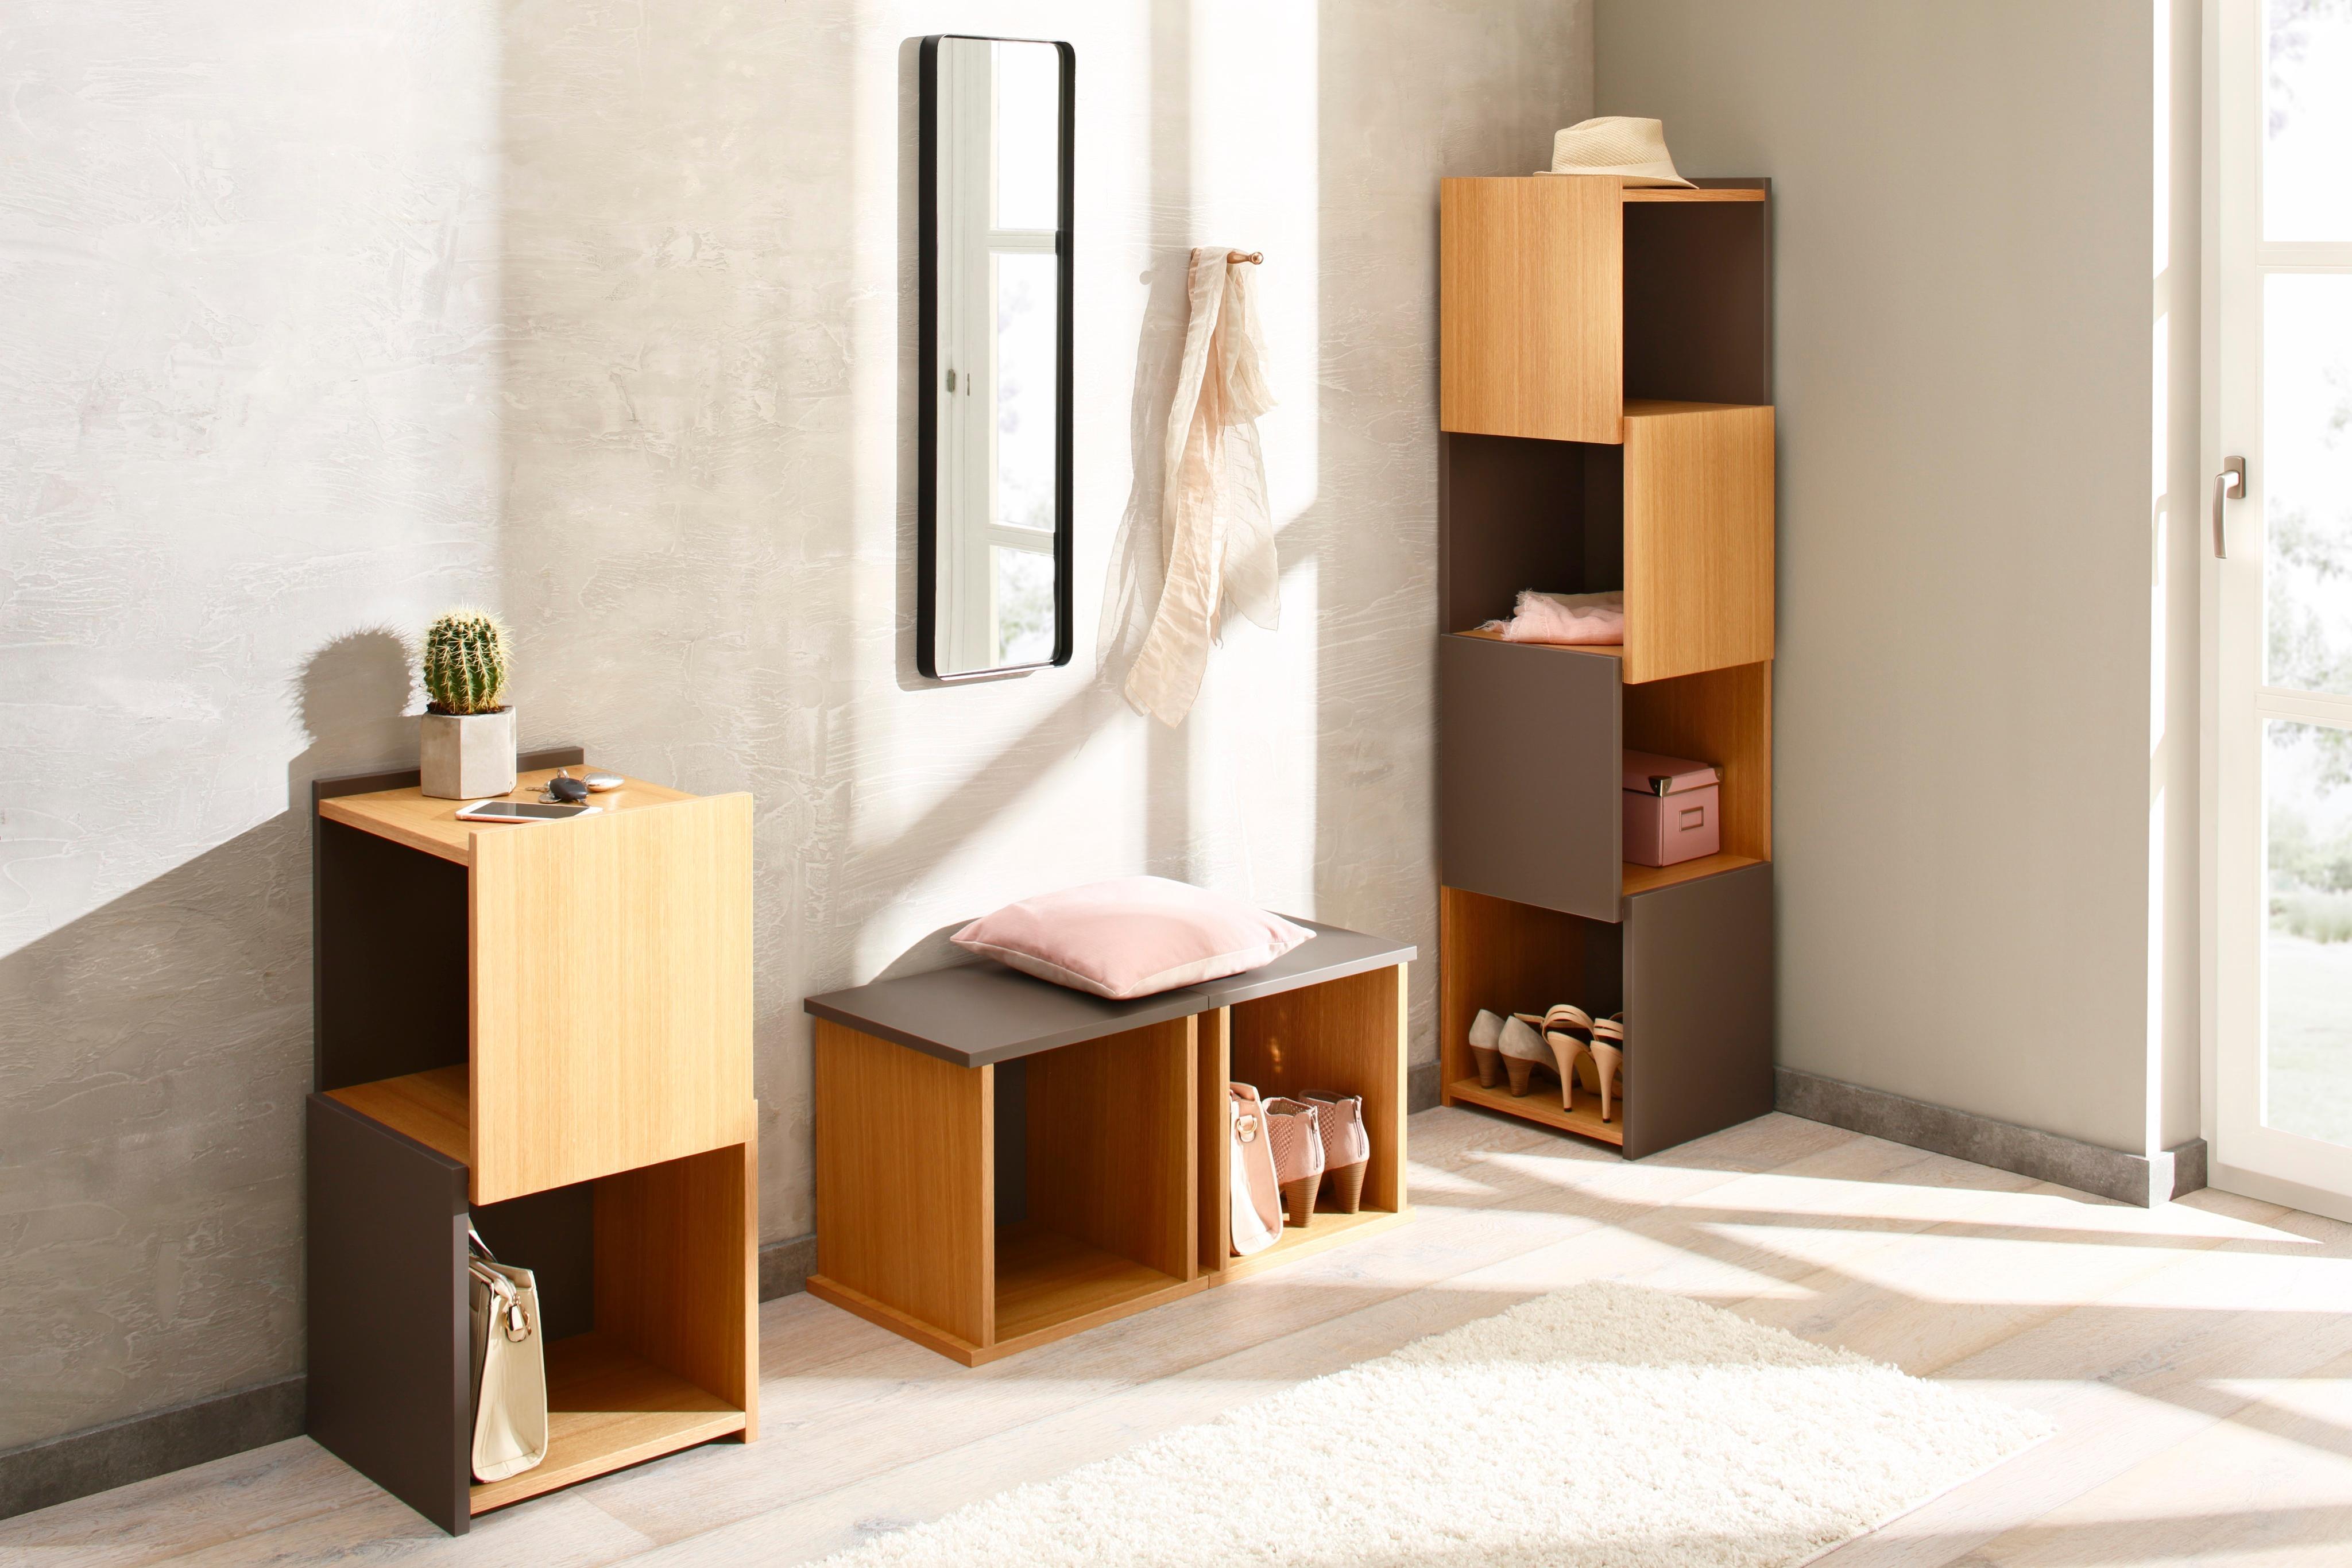 buecherregal design ideen, design-regal • bilder & ideen • couch, Design ideen